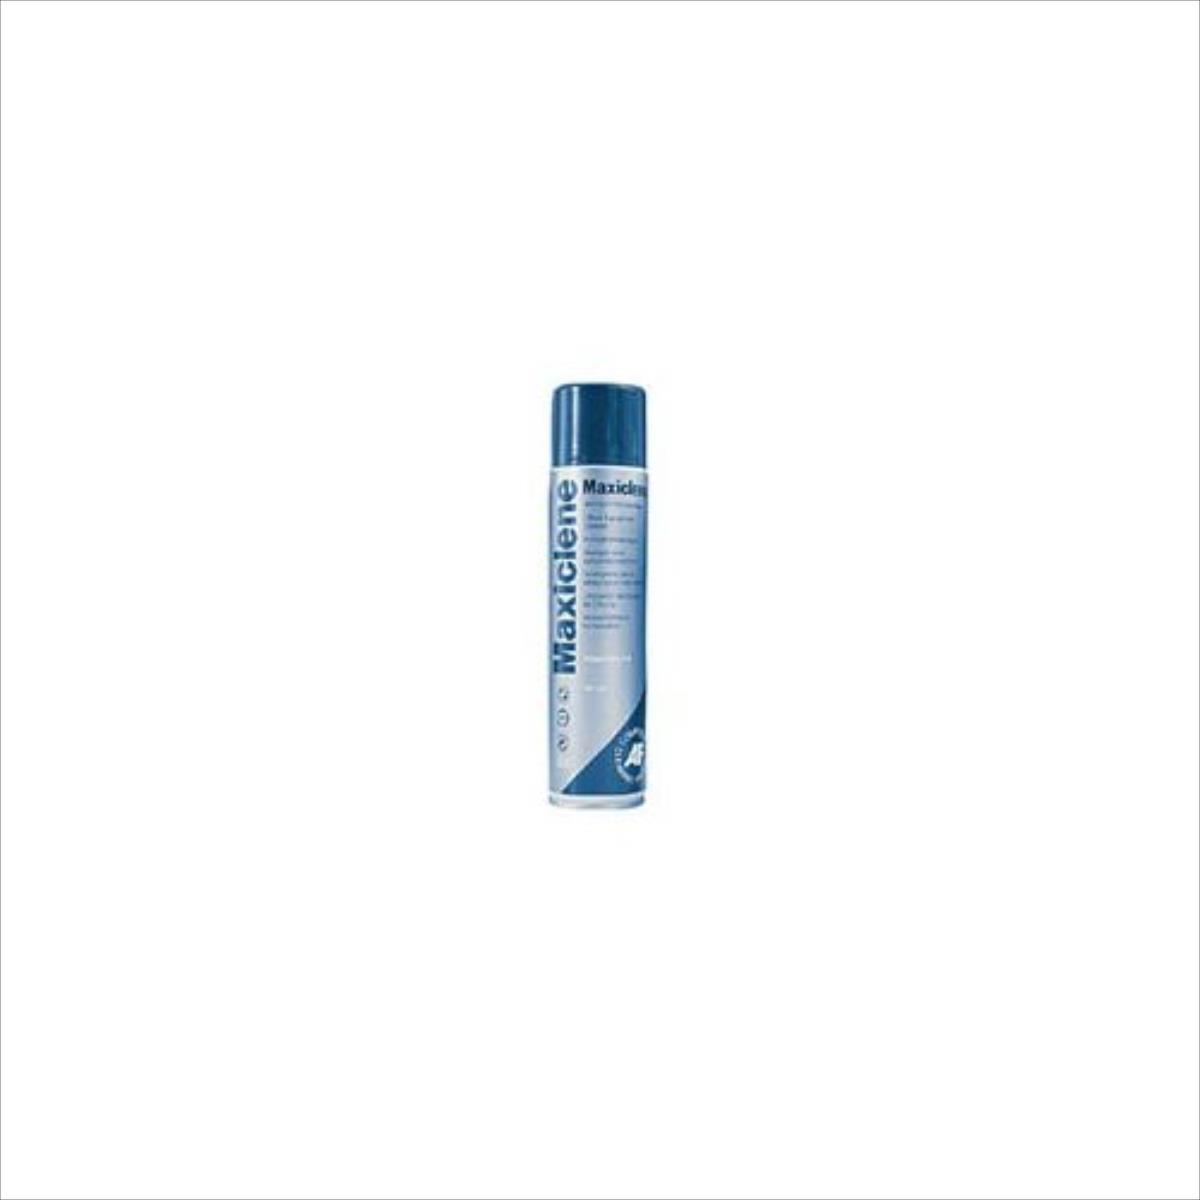 AF MAXI CLENE, 400 ml (AFASRO01490) tīrīšanas līdzeklis